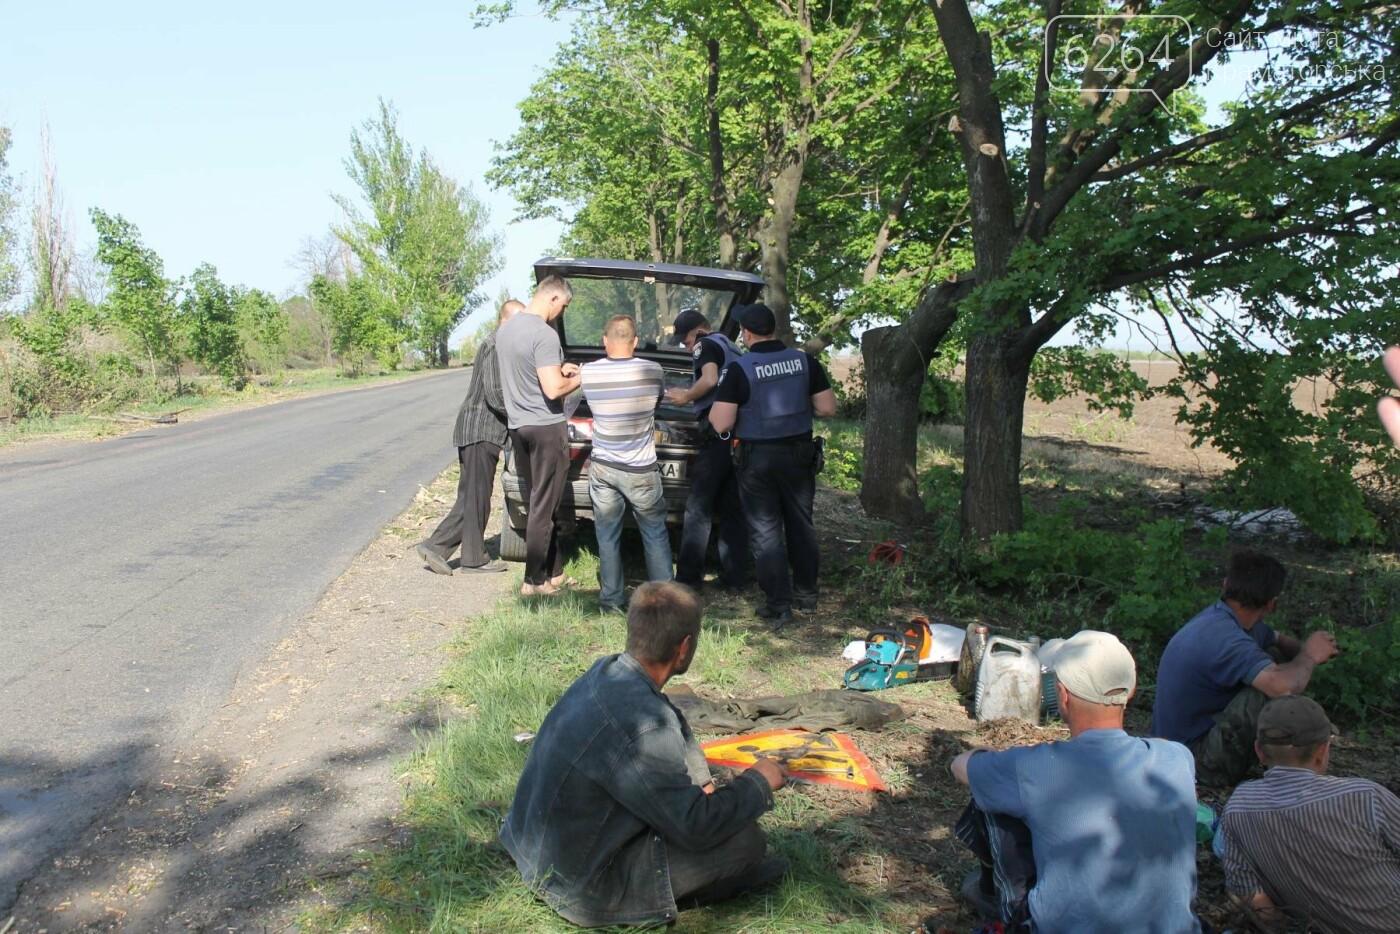 Опиловка близ Краматорска: непроглядный дым, вывоз отборного леса и скрытные «лесорубы», не знающие для кого и чего работают, фото-8